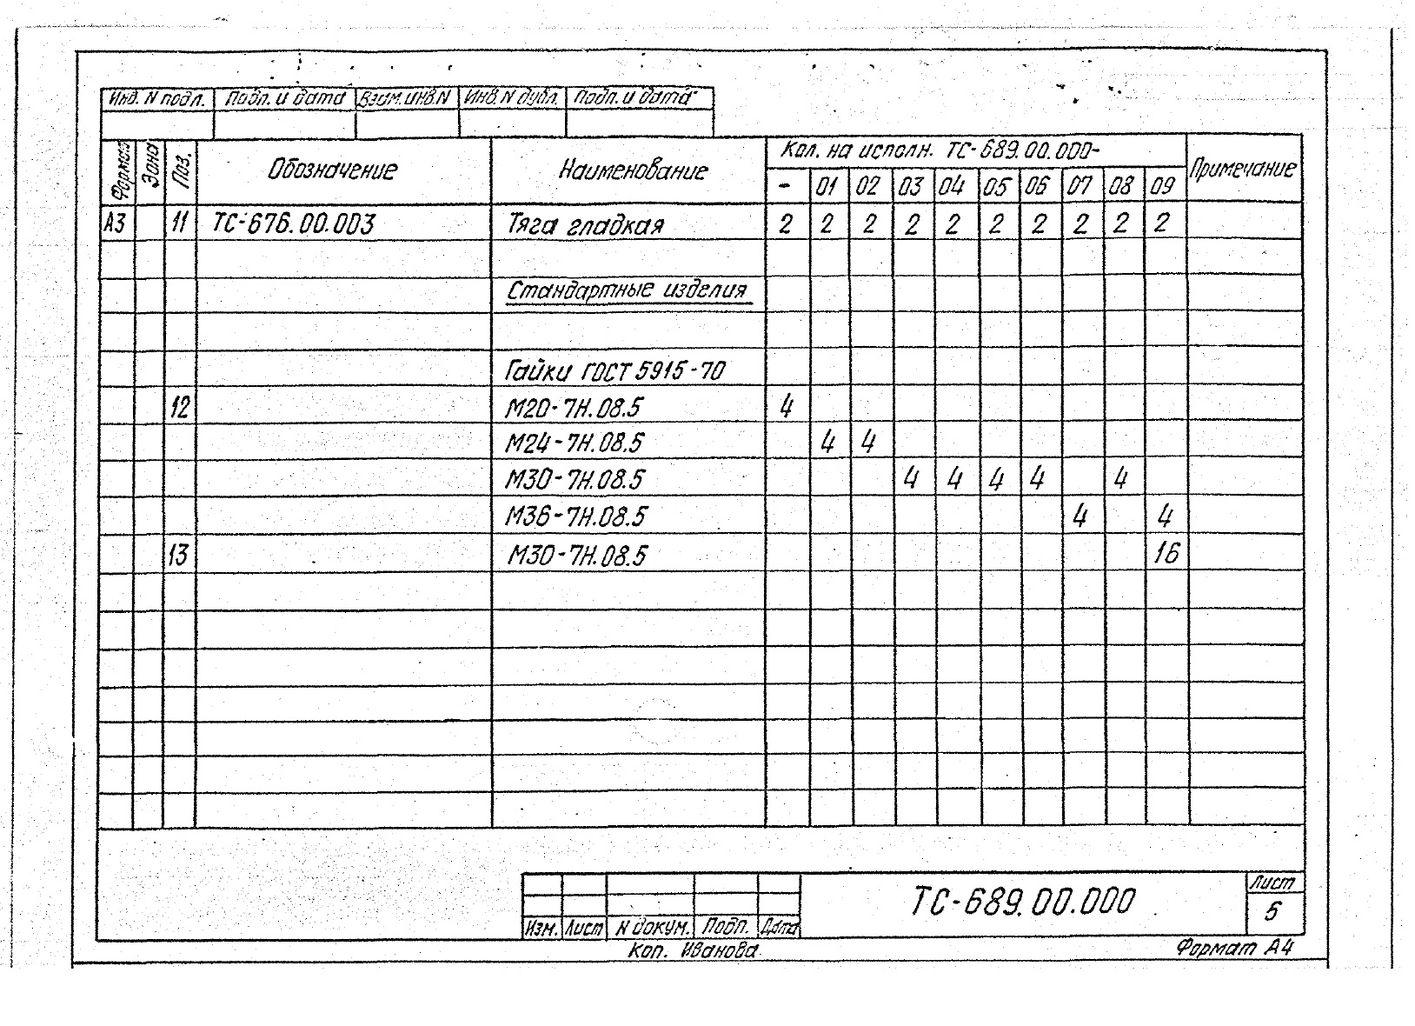 Подвески пружинные для горизонтальных трубопроводов Дн 377-1420 мм ТС-689.00.000 СБ серия 5.903-13 выпуск 6-95 стр.9